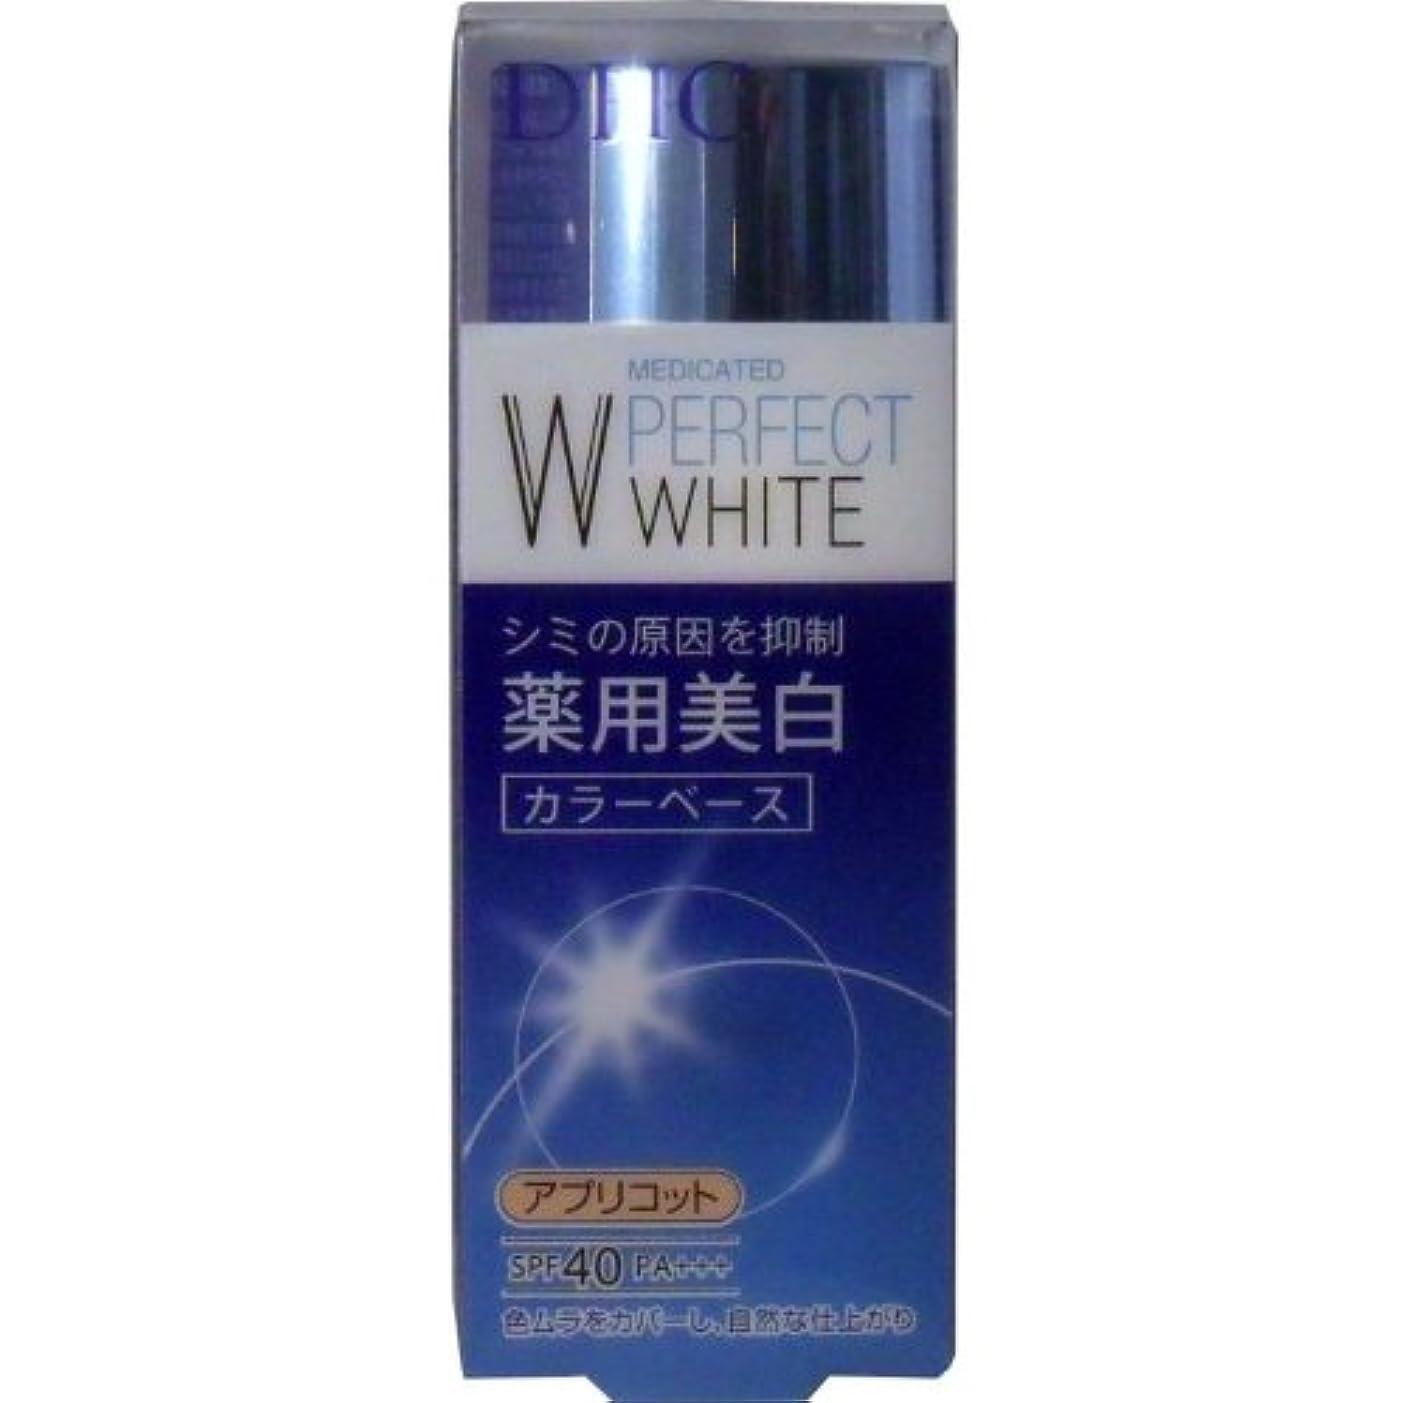 馬鹿げた切断するまばたきDHC 薬用美白パーフェクトホワイト カラーベース アプリコット 30g